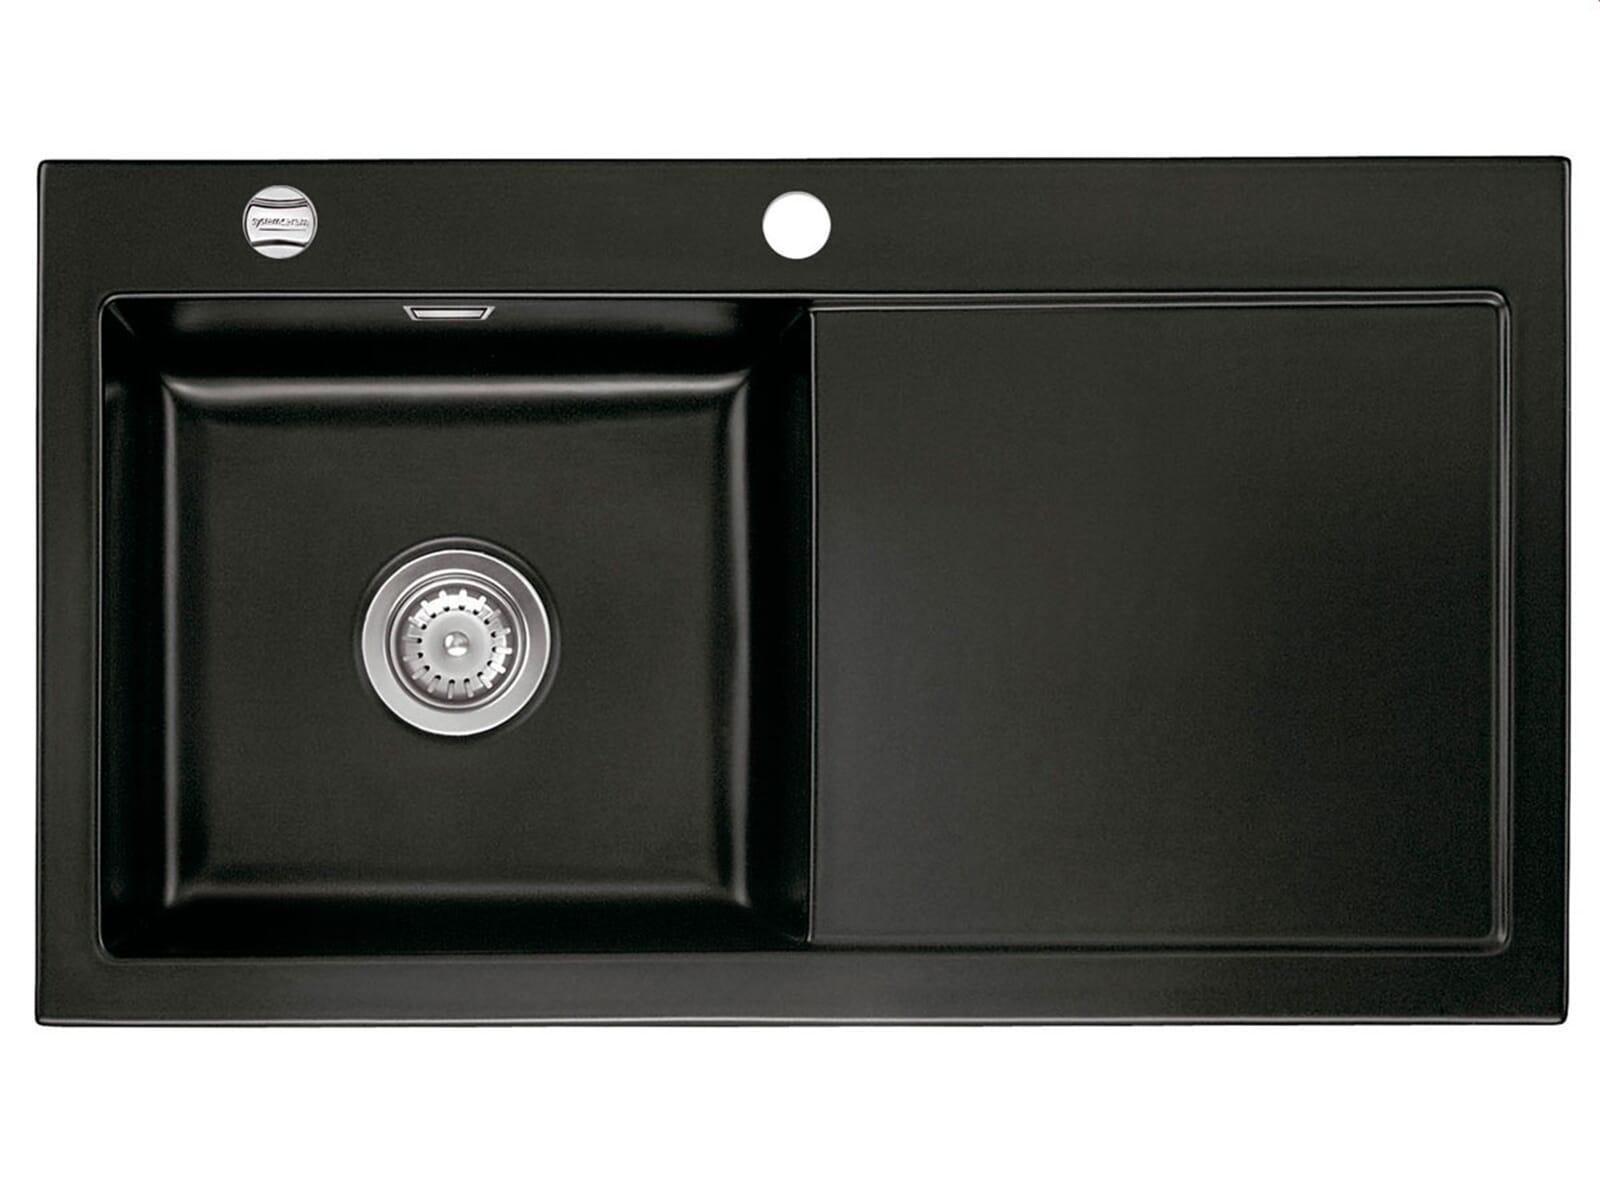 systemceram mera 90 nigra keramiksp le excenterbet tigung. Black Bedroom Furniture Sets. Home Design Ideas